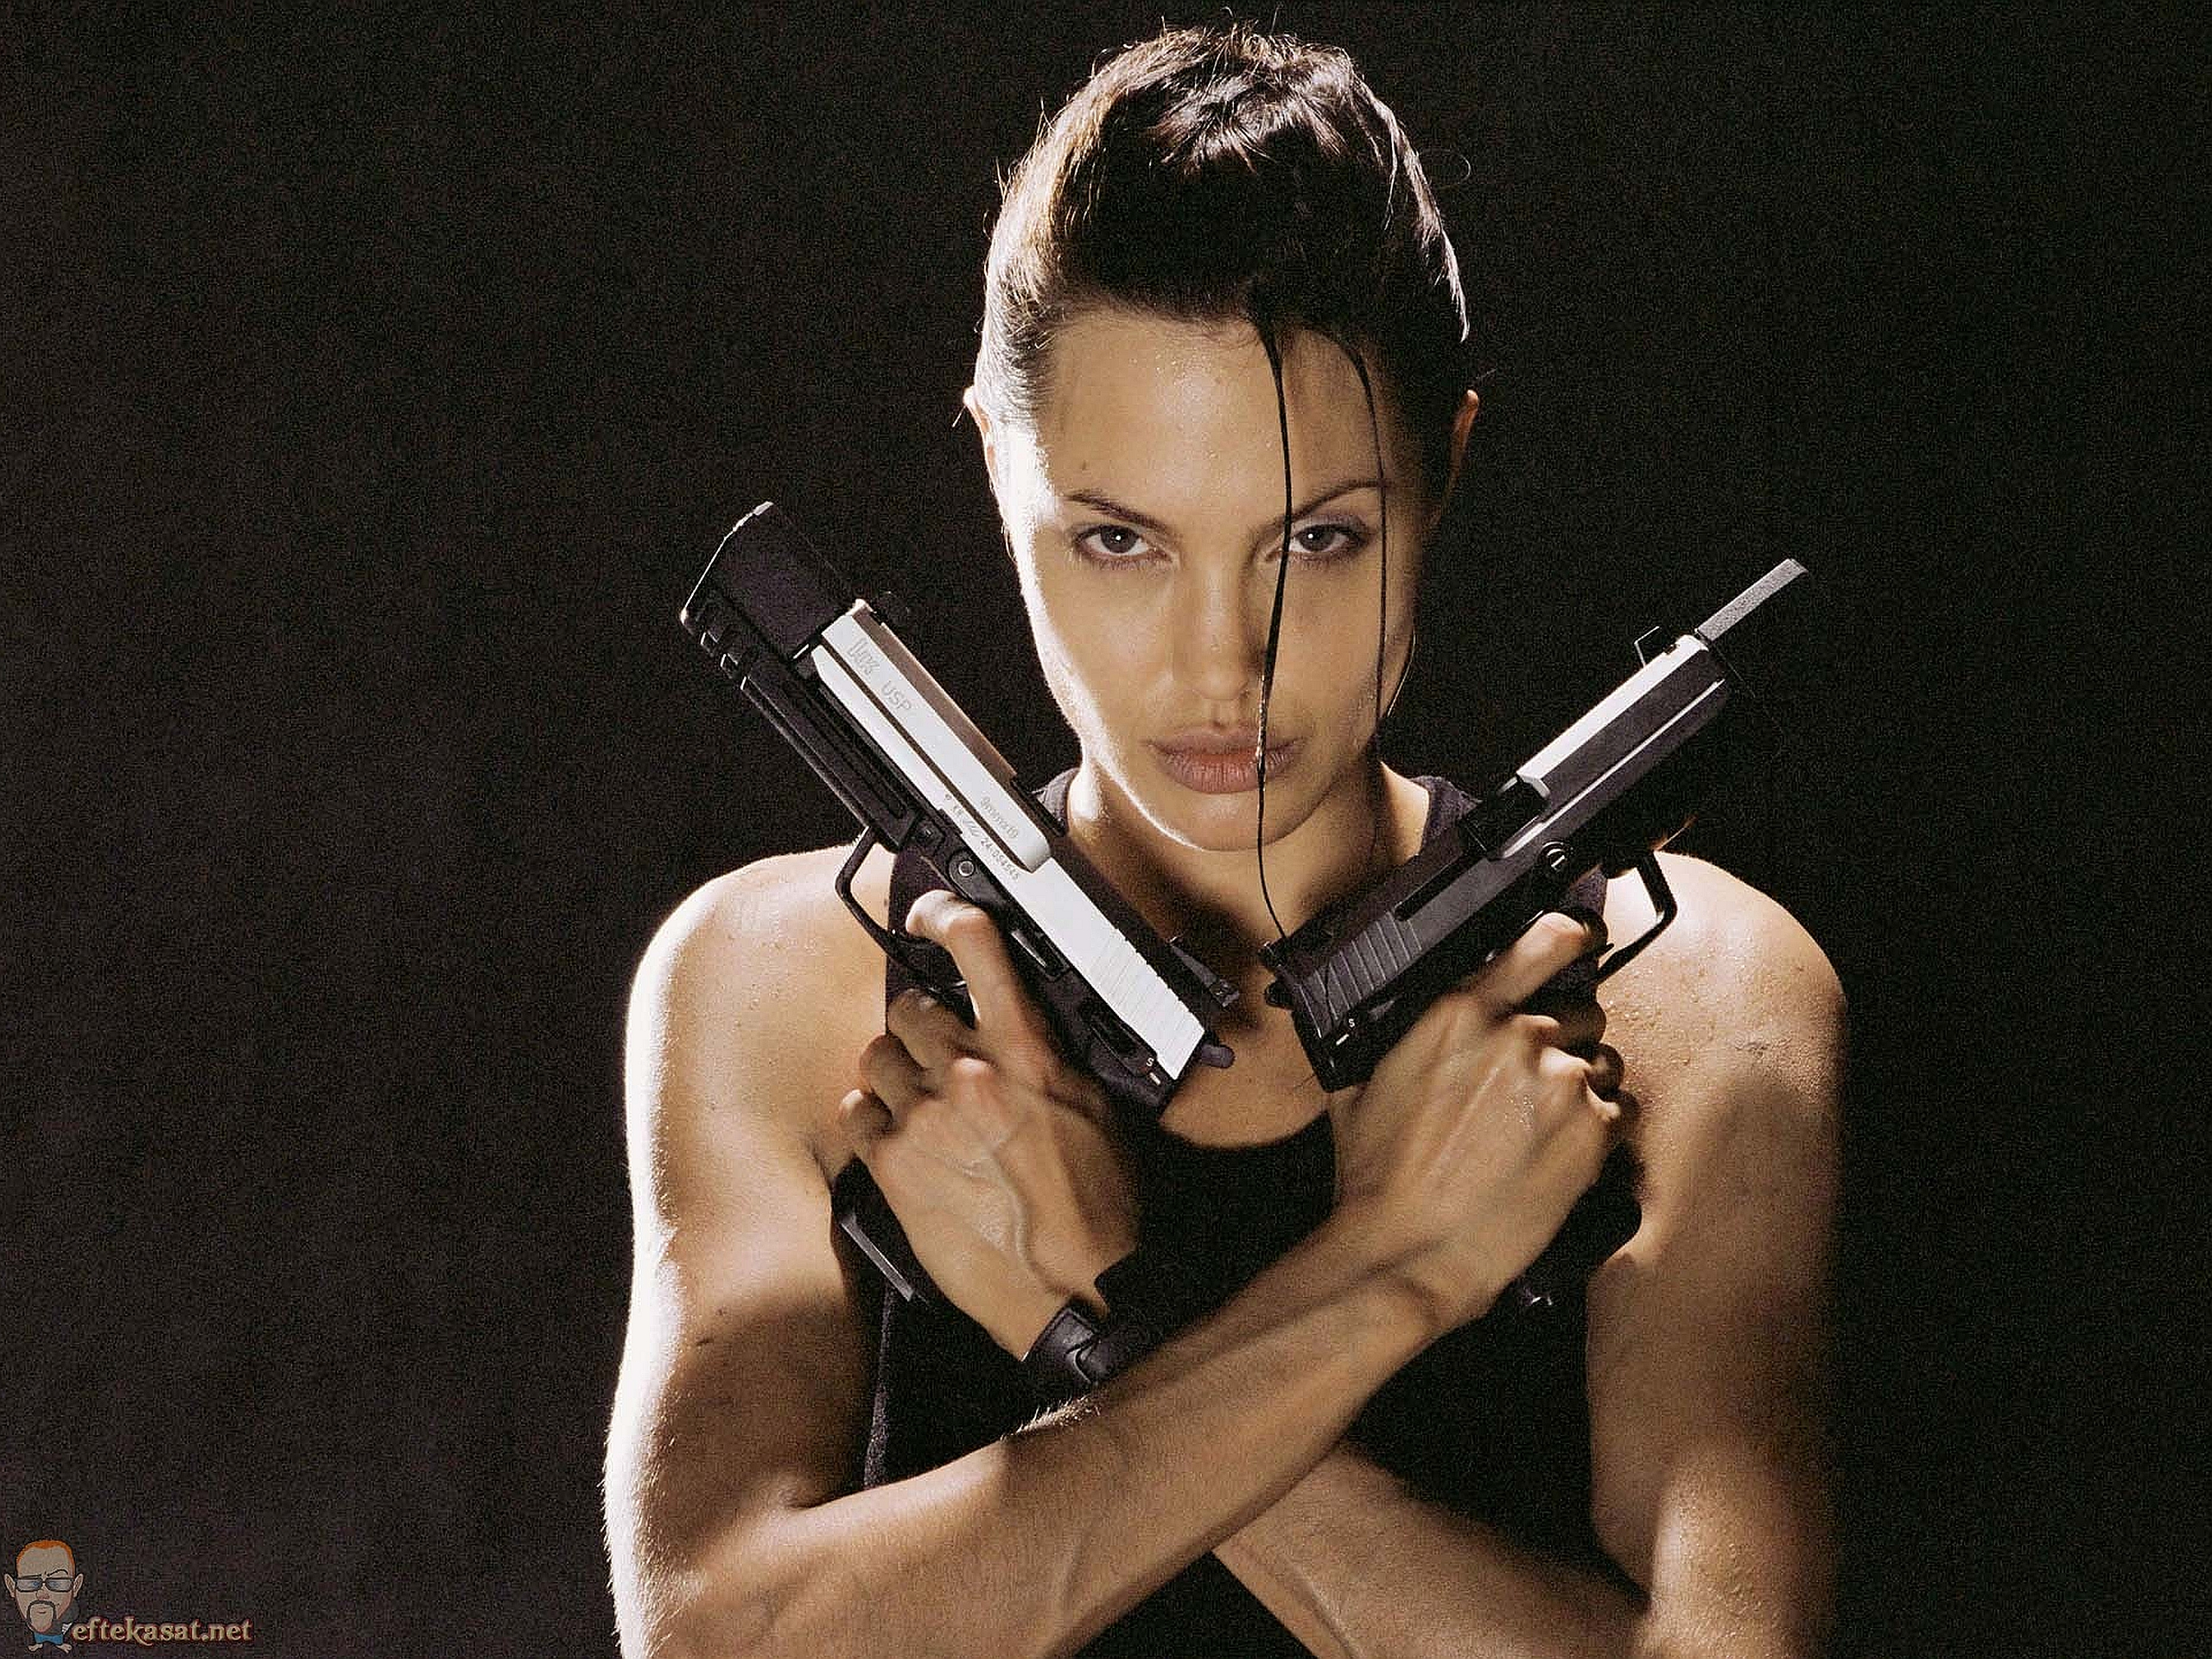 Голые знаменитости Анджелина Джоли голая - видео и фото